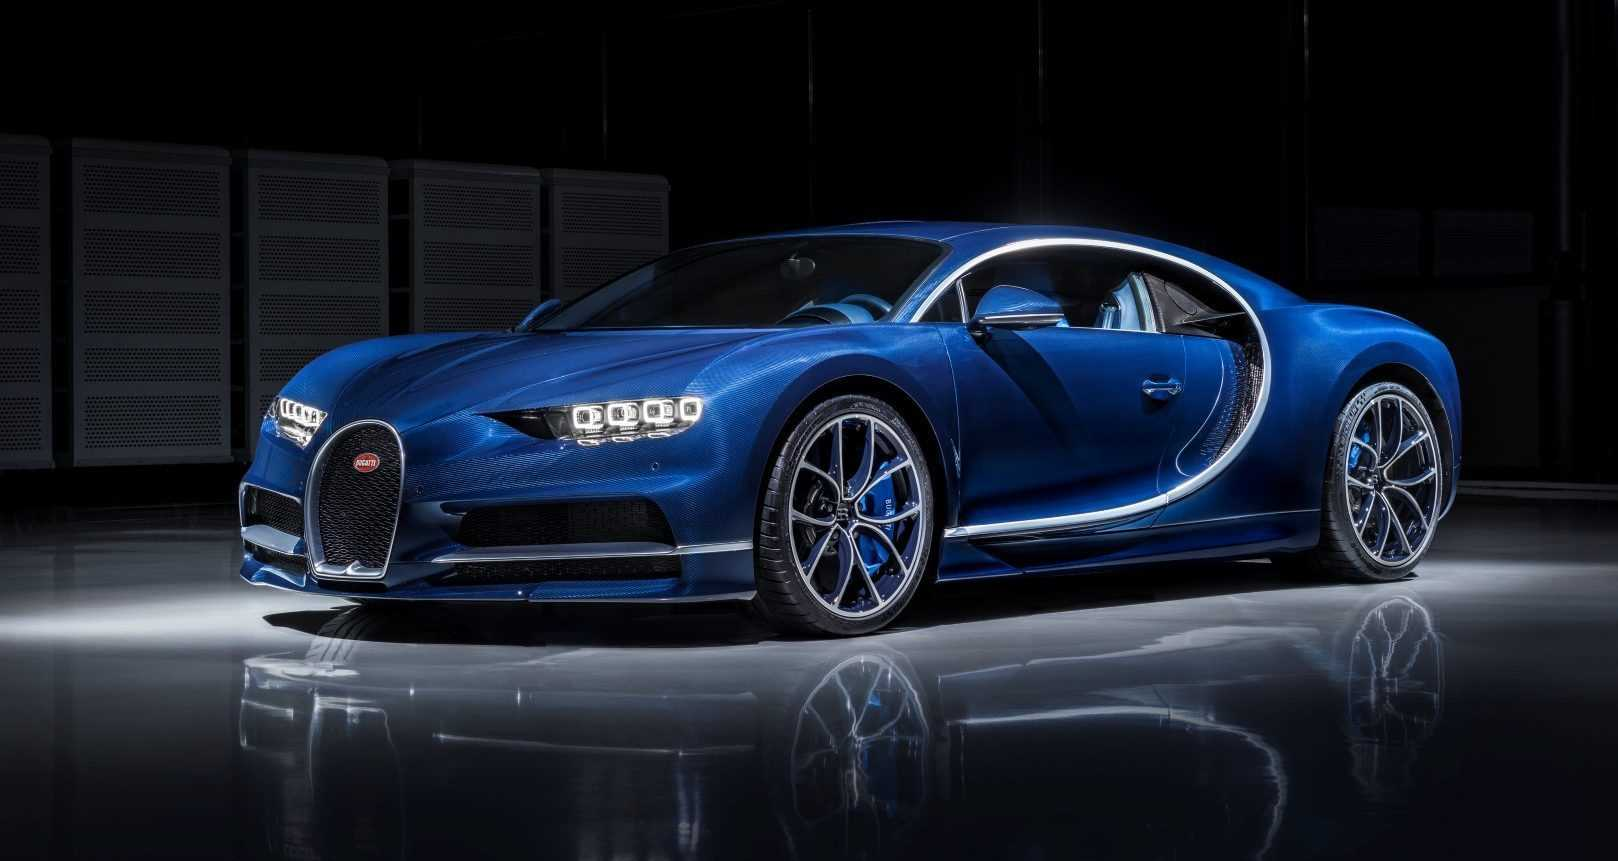 Bugatti Chiron 2017 (Blue Royal)